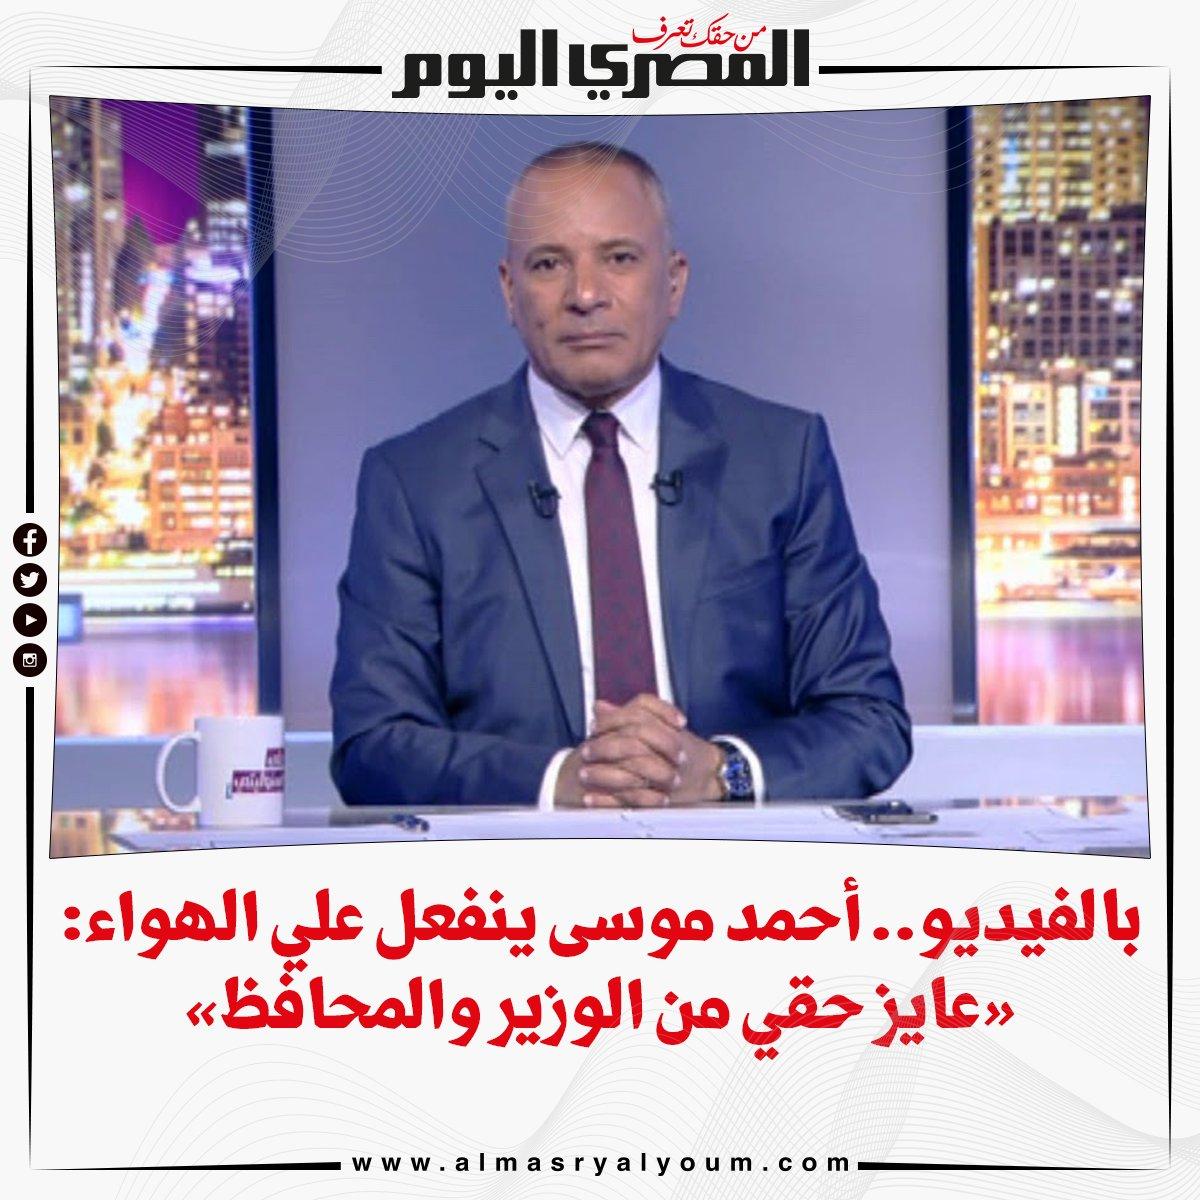 بالفيديو.. أحمد موسى ينفعل علي الهواء «عايز حقي من الوزير والمحافظ»